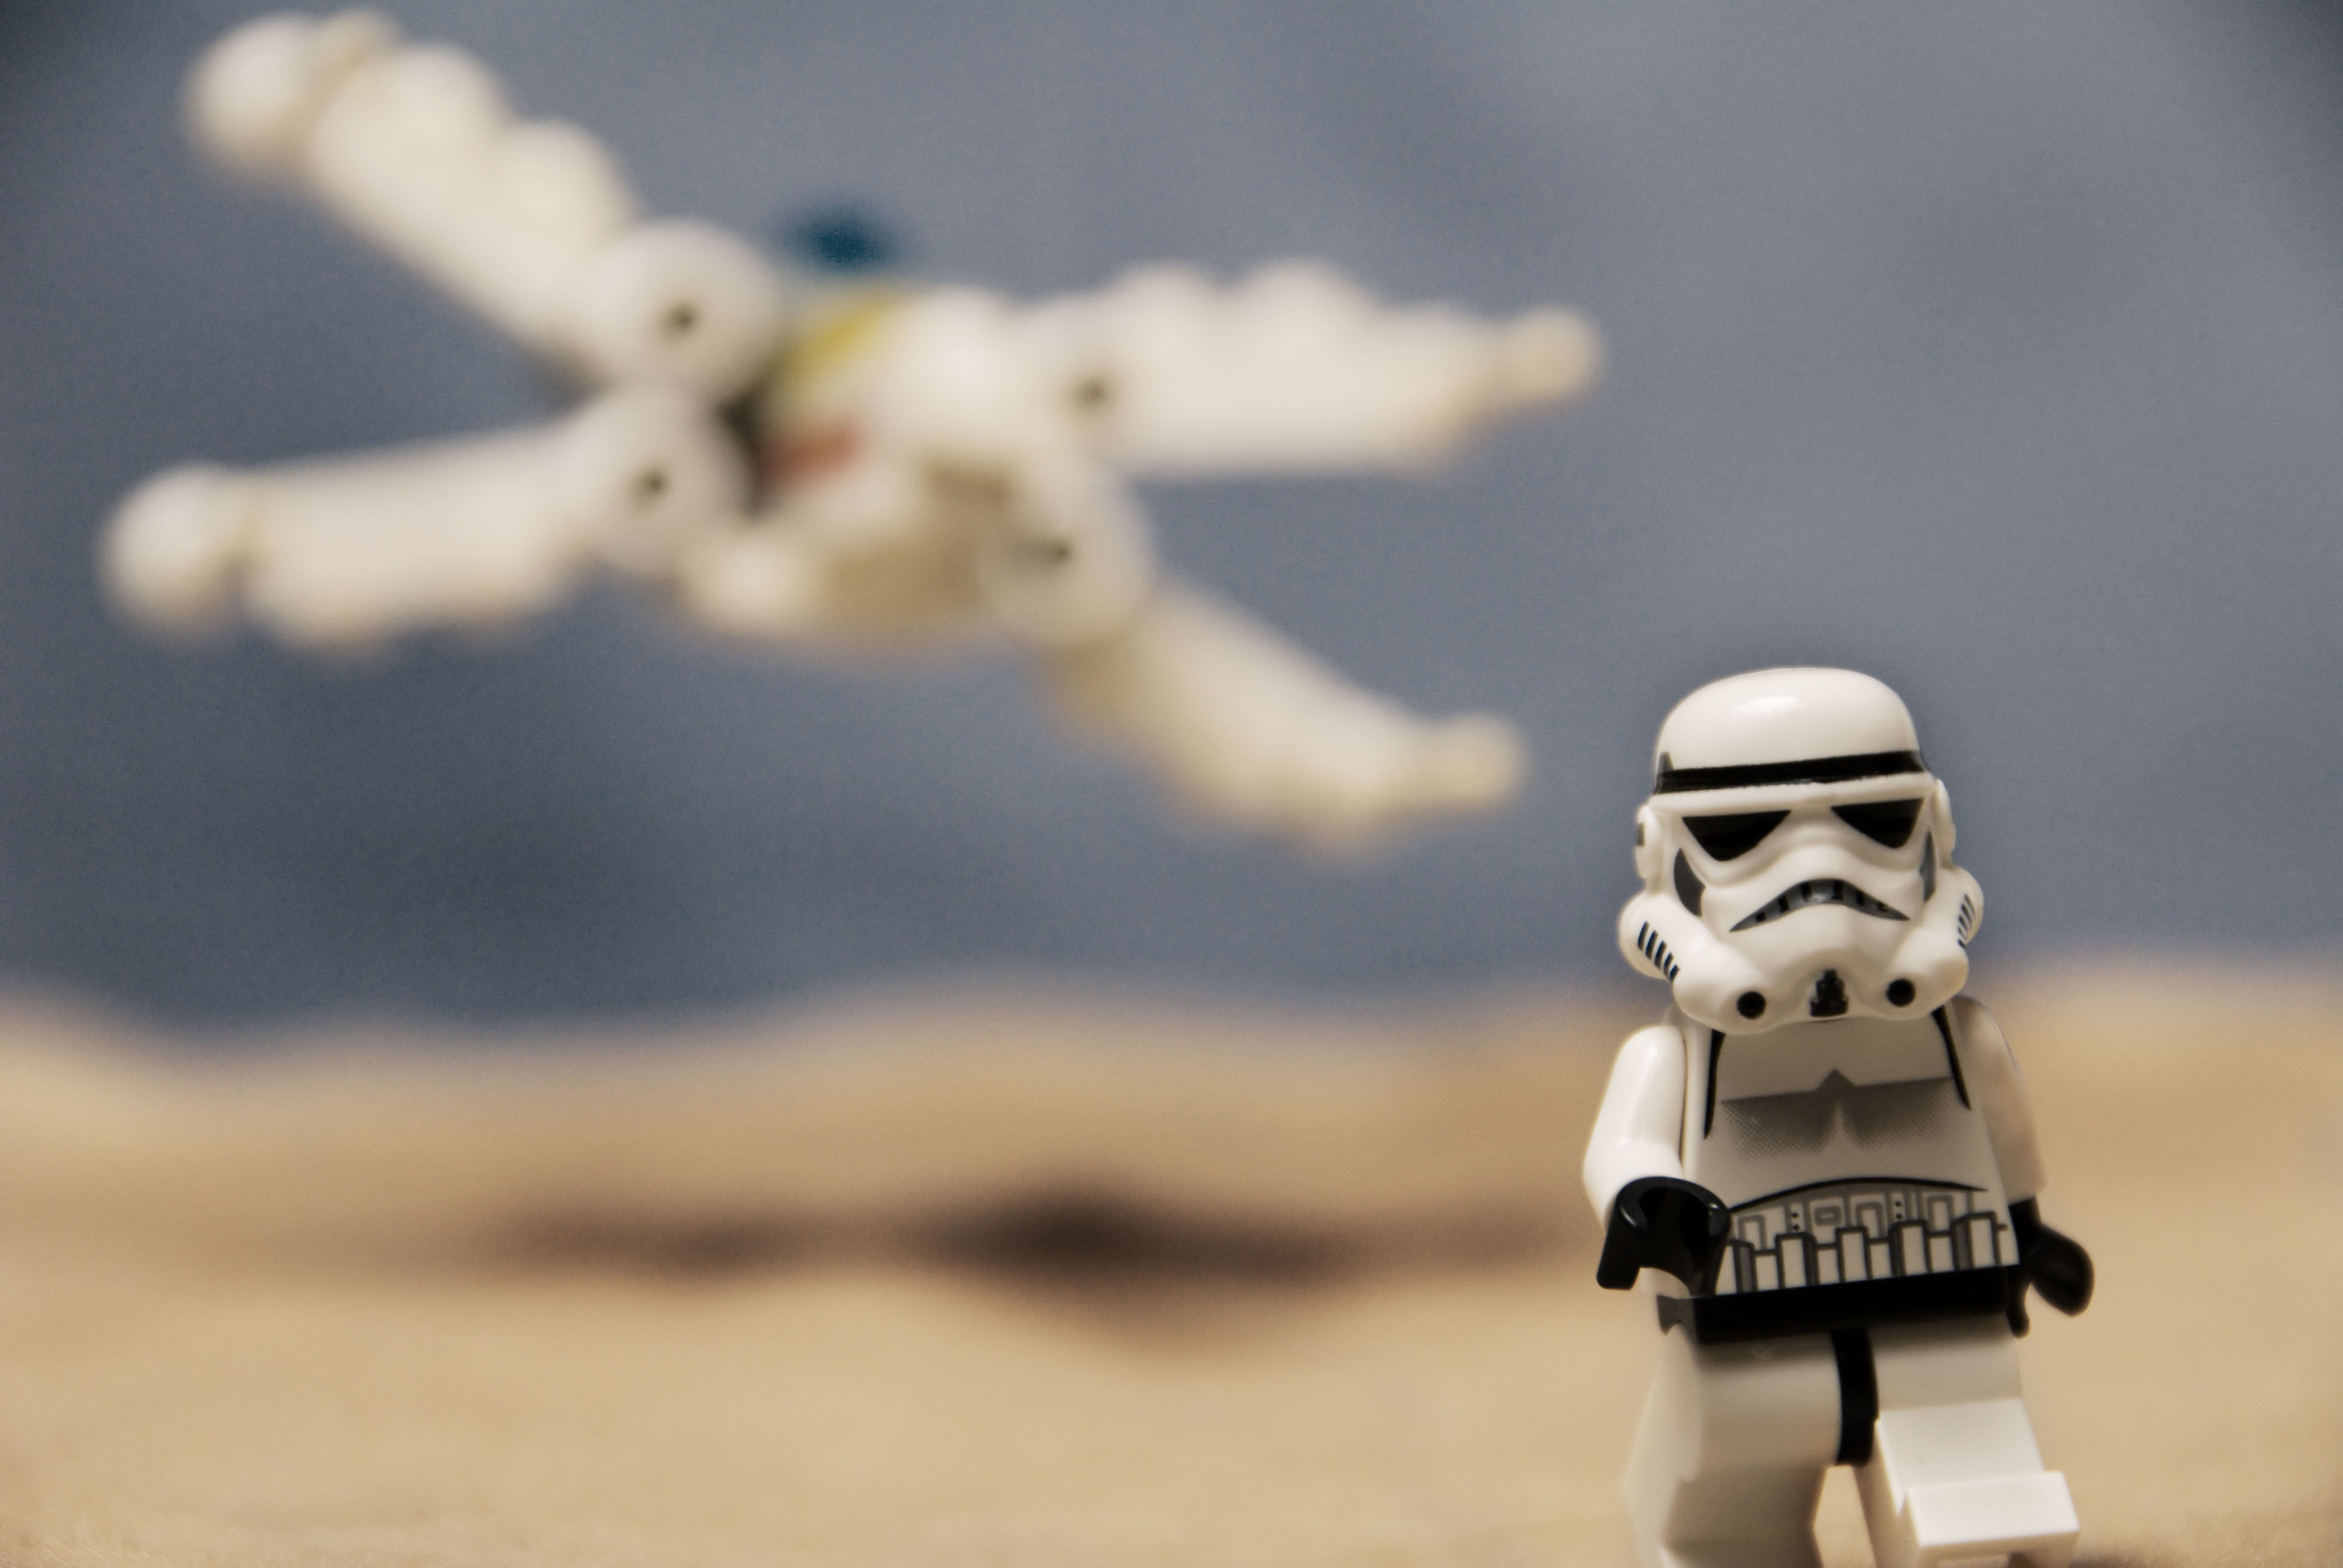 Lego Star Wars Wallpapers Para Descargar Banco De Imagenes Our 3872x2592